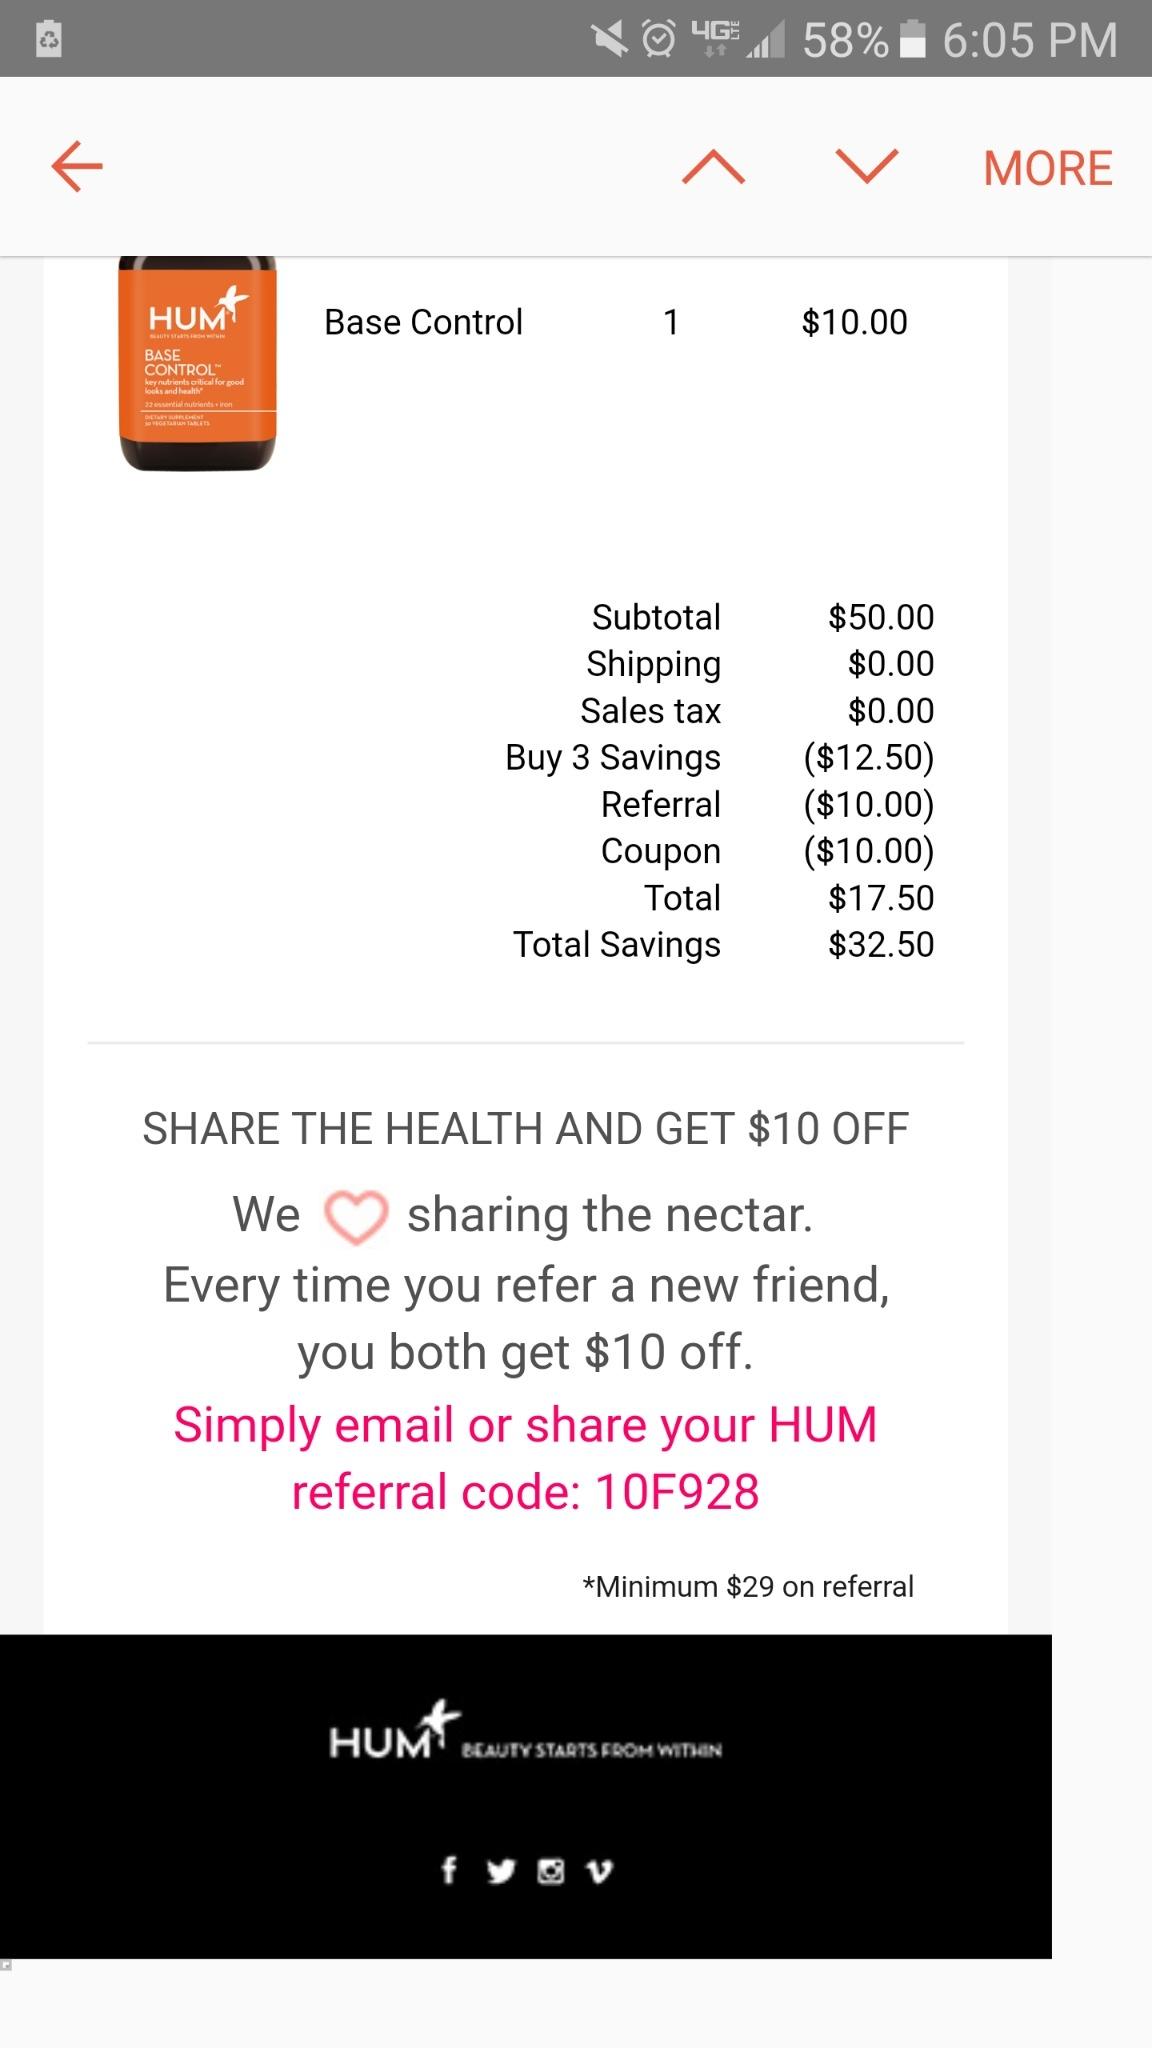 Hum coupon code